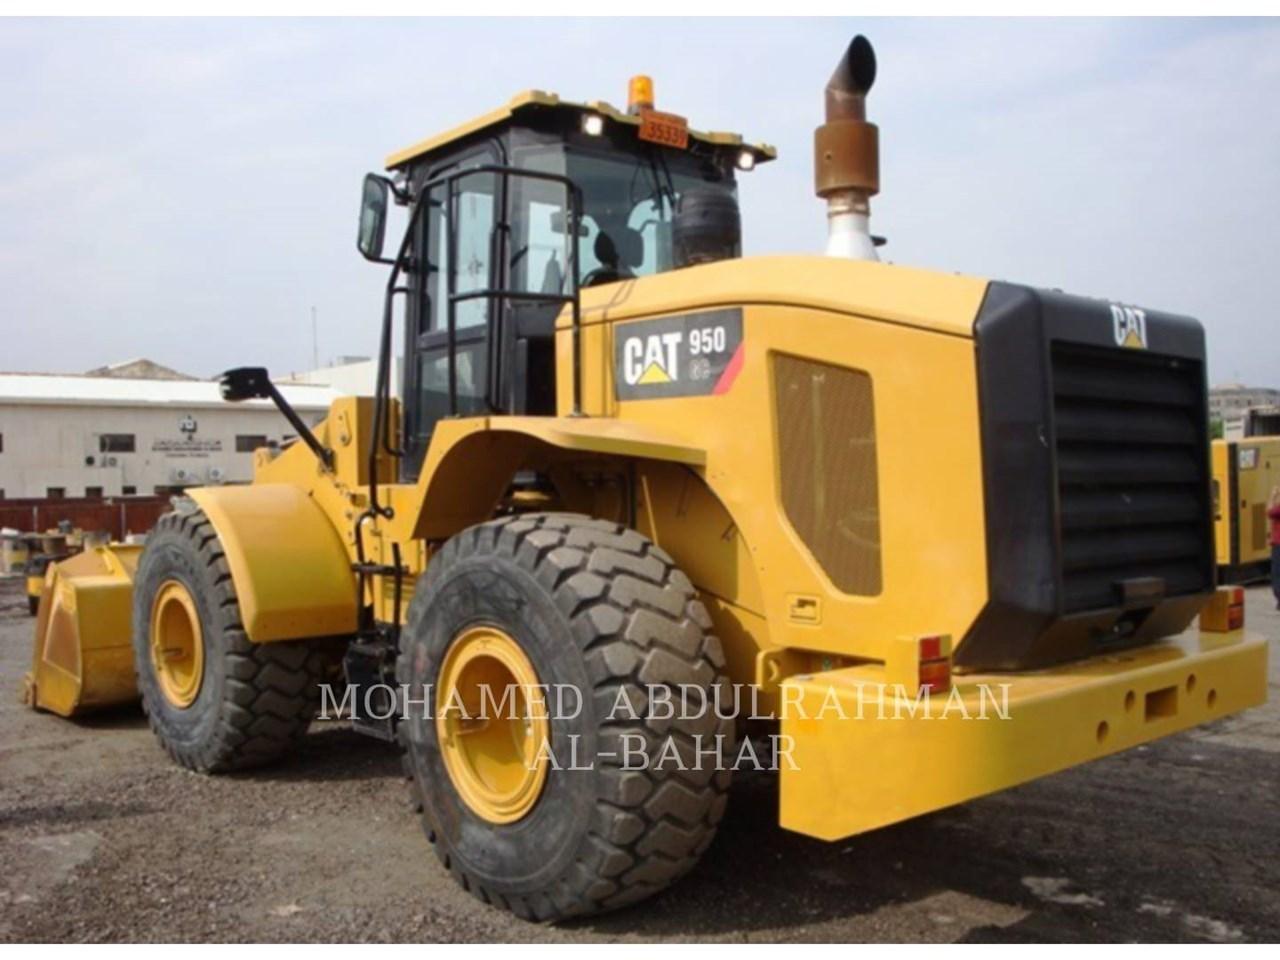 2018 Caterpillar 950GC Image 3